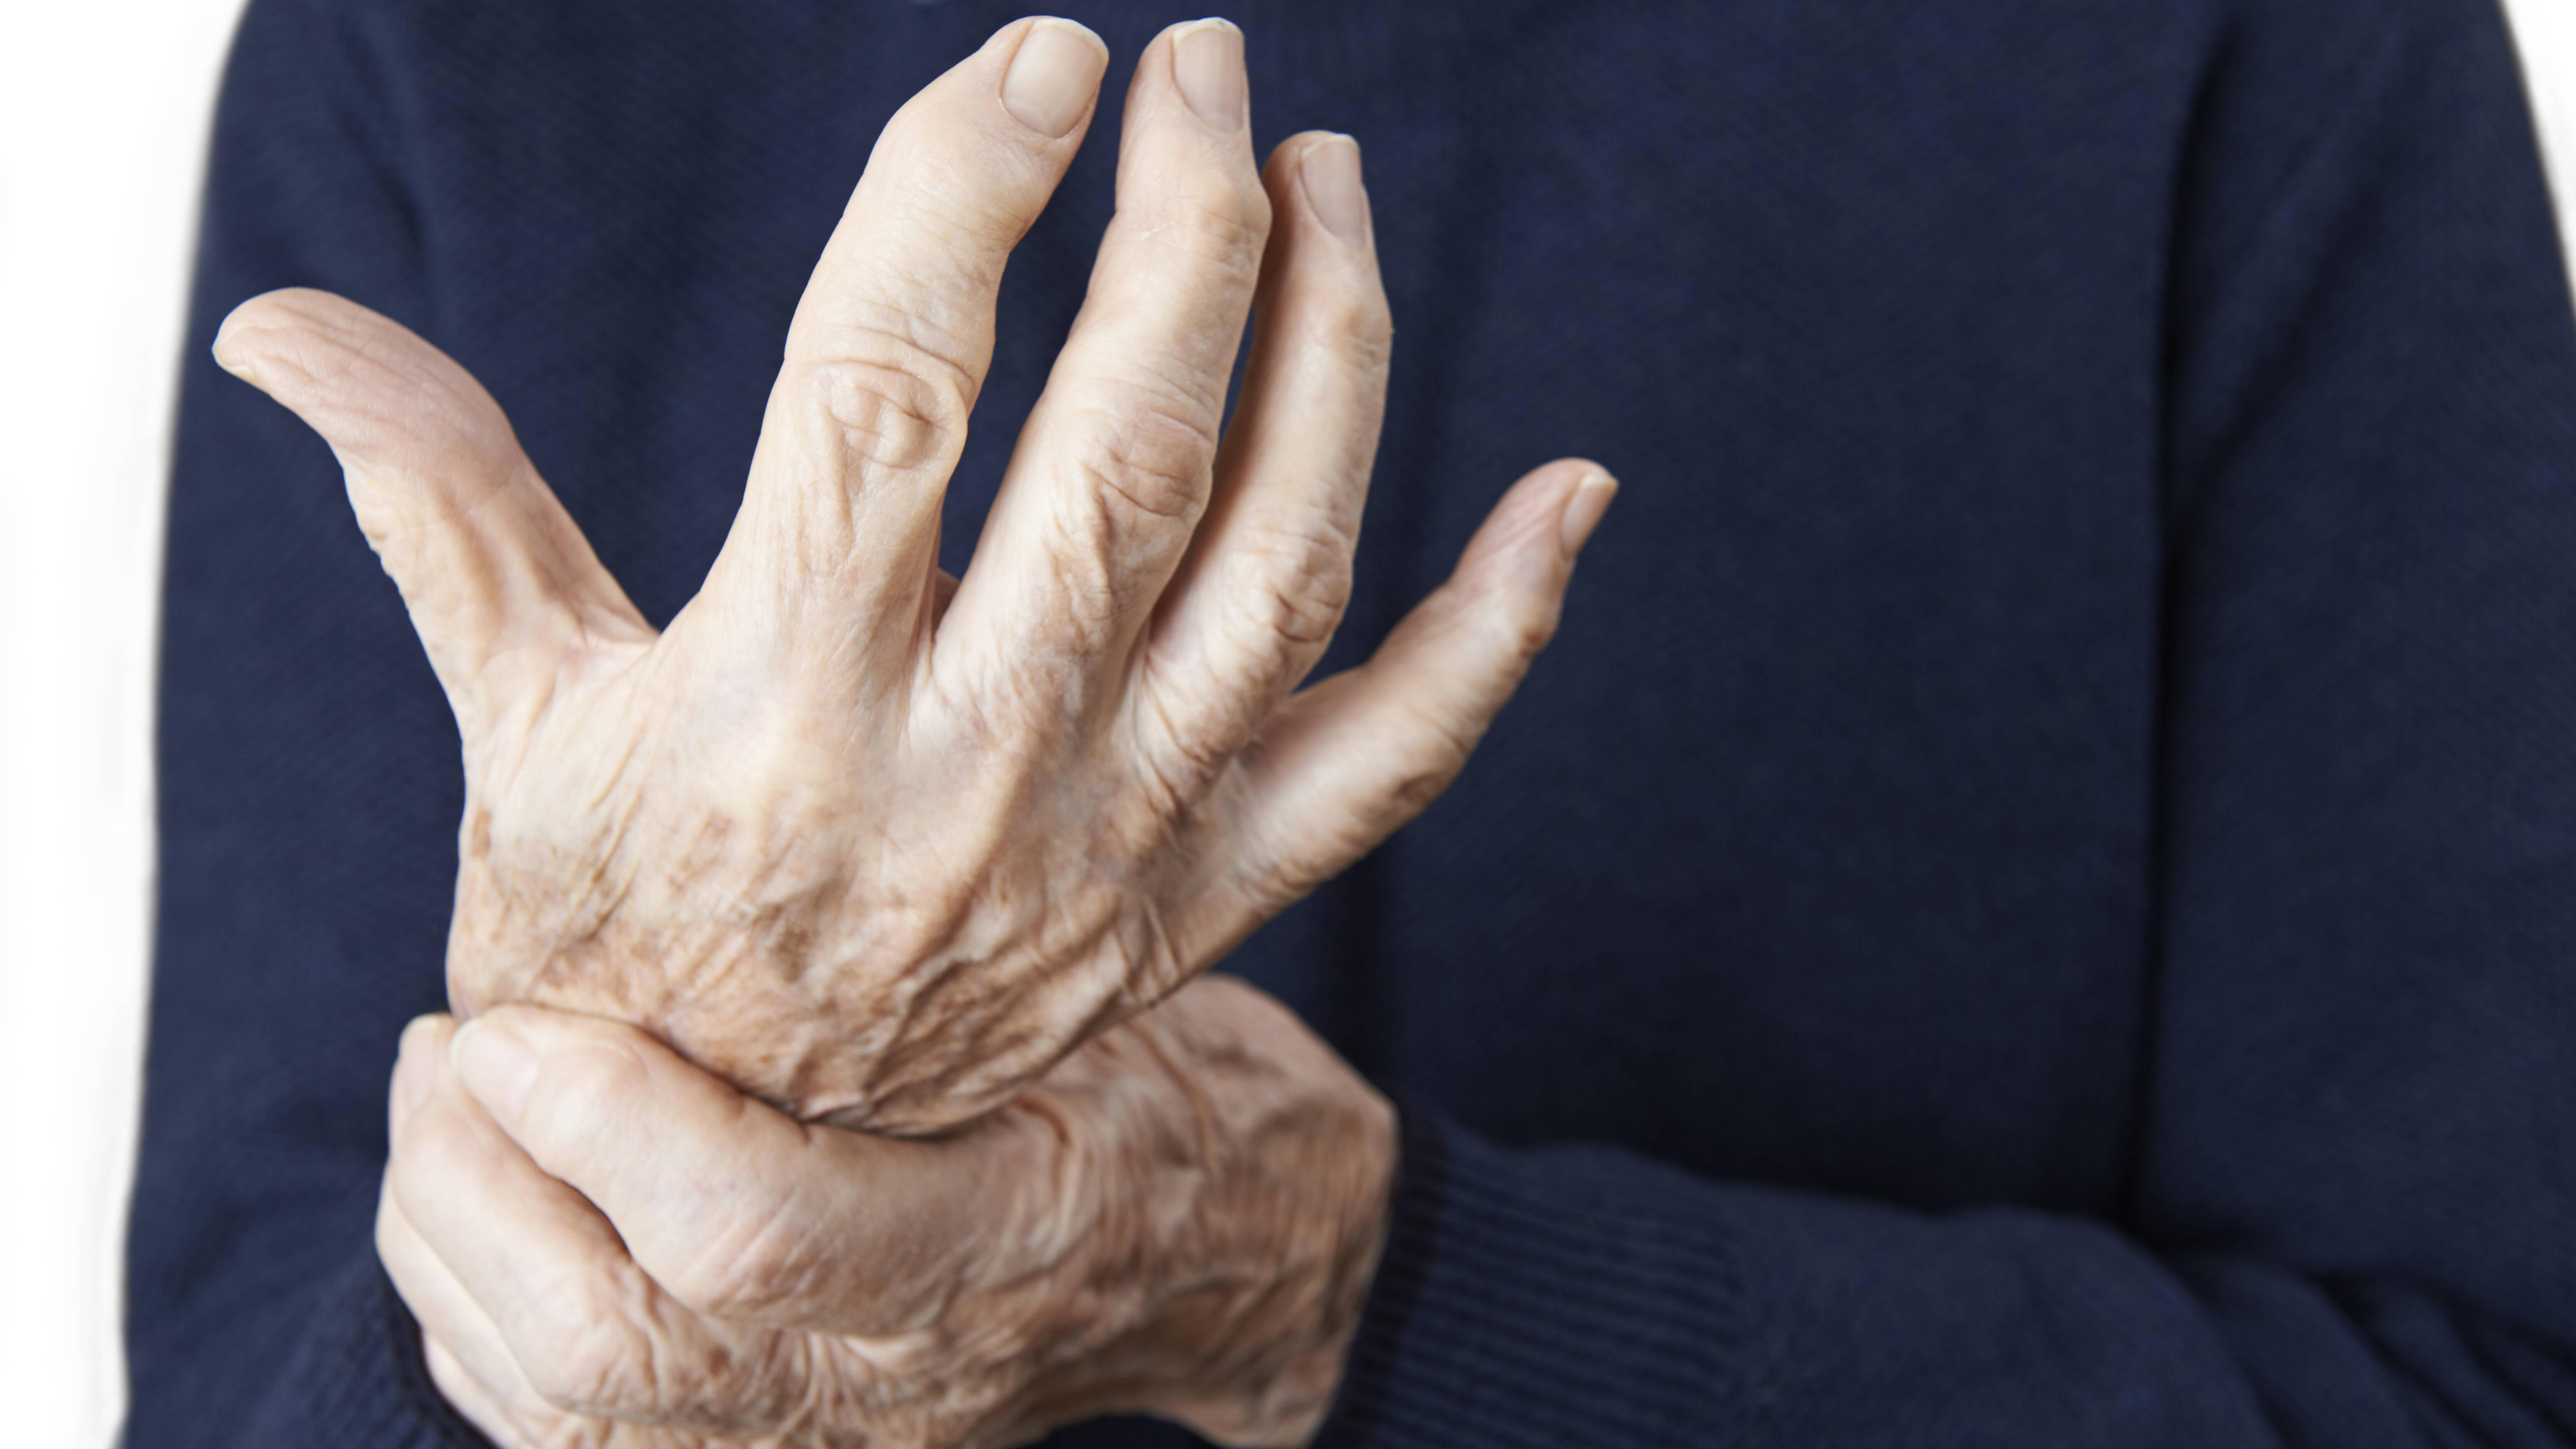 Arthritis - was ist das? Einfach erklärt